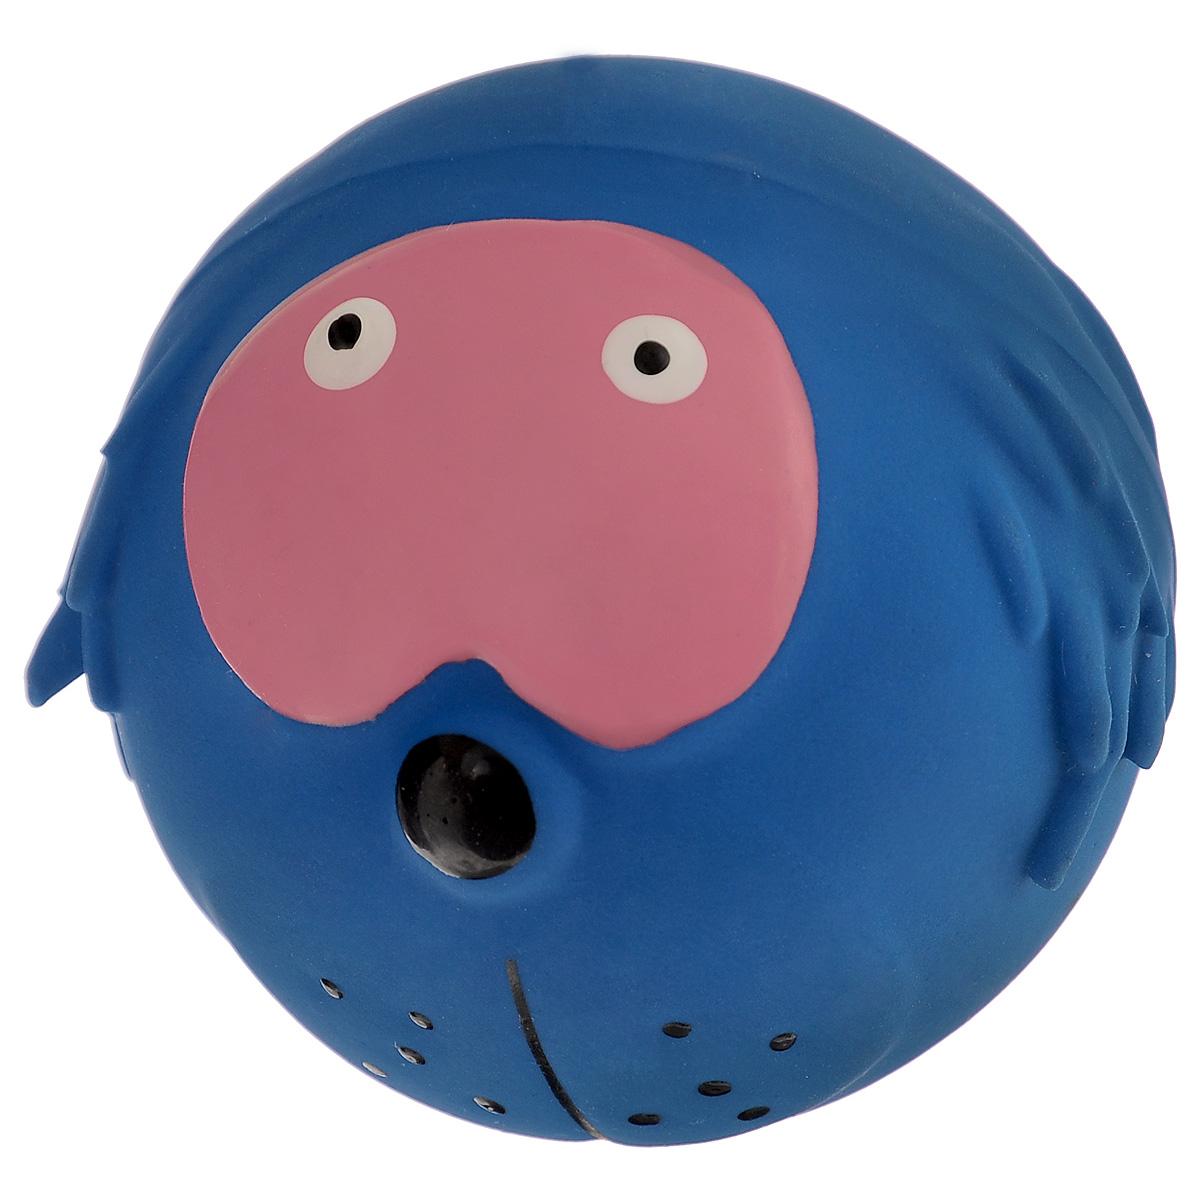 Игрушка для собак I.P.T.S. Мяч с мордочкой, цвет: синий, диаметр 7 см16291 синийИгрушка для собак I.P.T.S. Мяч с мордочкой, изготовленная из высококачественного латекса, выполнена в виде мячика с милой мордочкой. Такая игрушка порадует вашего любимца, а вам доставит массу приятных эмоций, ведь наблюдать за игрой всегда интересно и приятно. Оставшись в одиночестве, ваша собака будет увлеченно играть. Диаметр: 7 см.